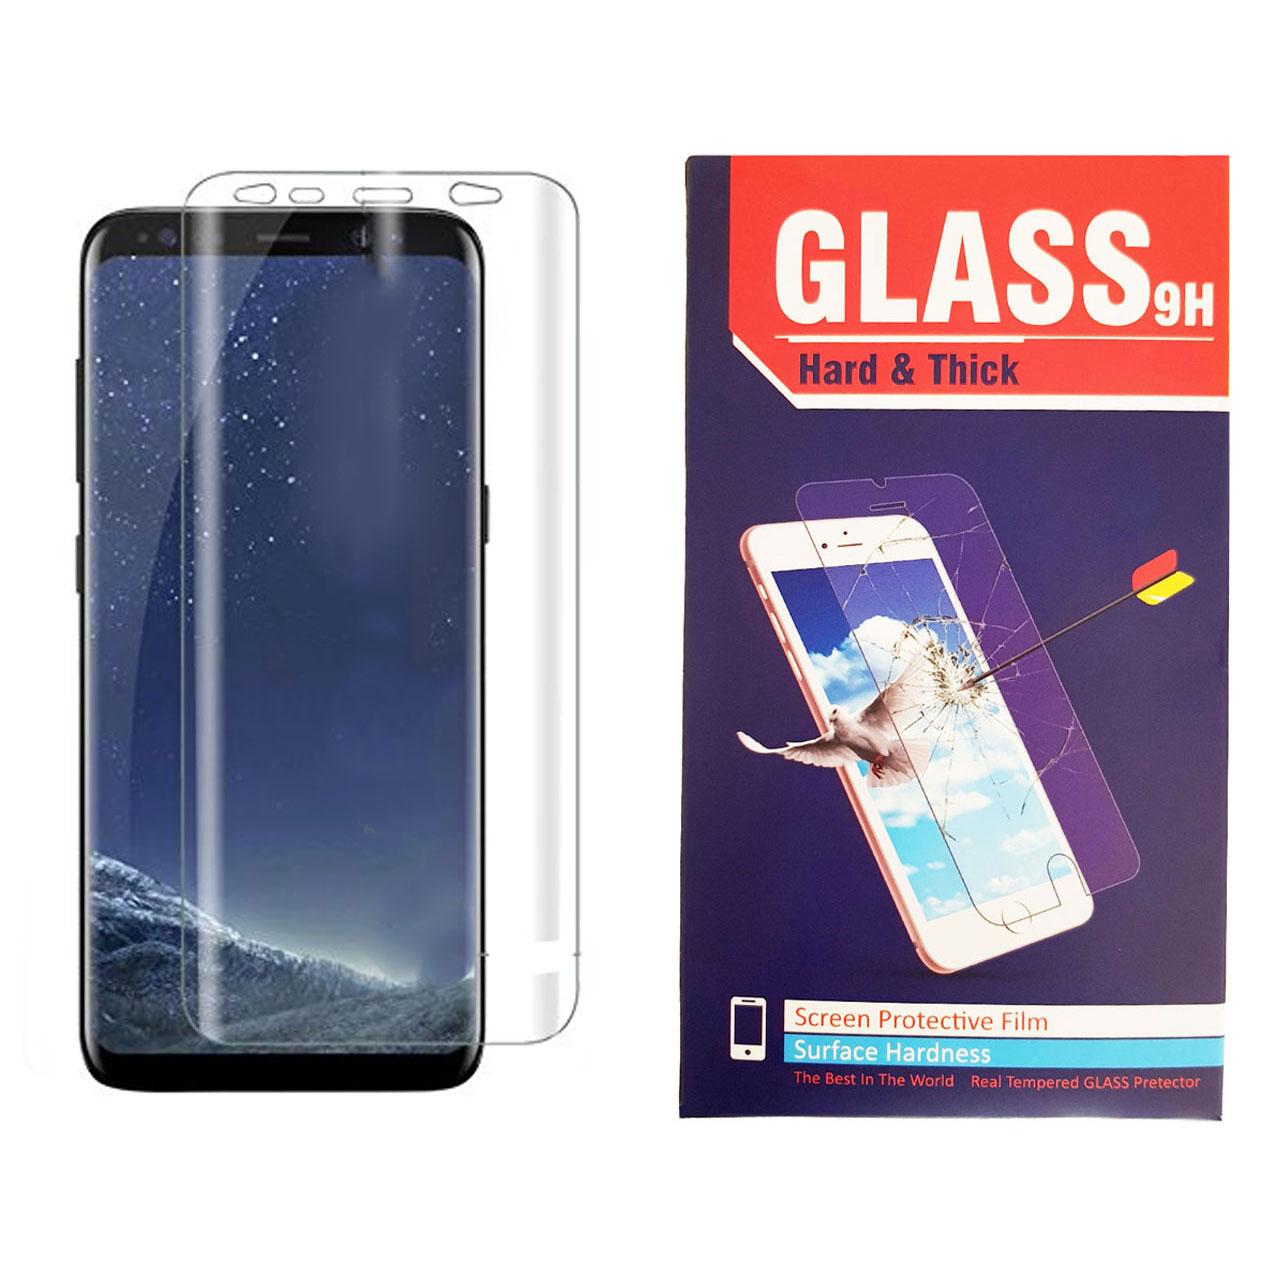 محافظ صفحه نمایش تی پی یو Hard and thick مدل TPU Full Cover مناسب برای گوشی موبایل سامسونگ GALAXY S8